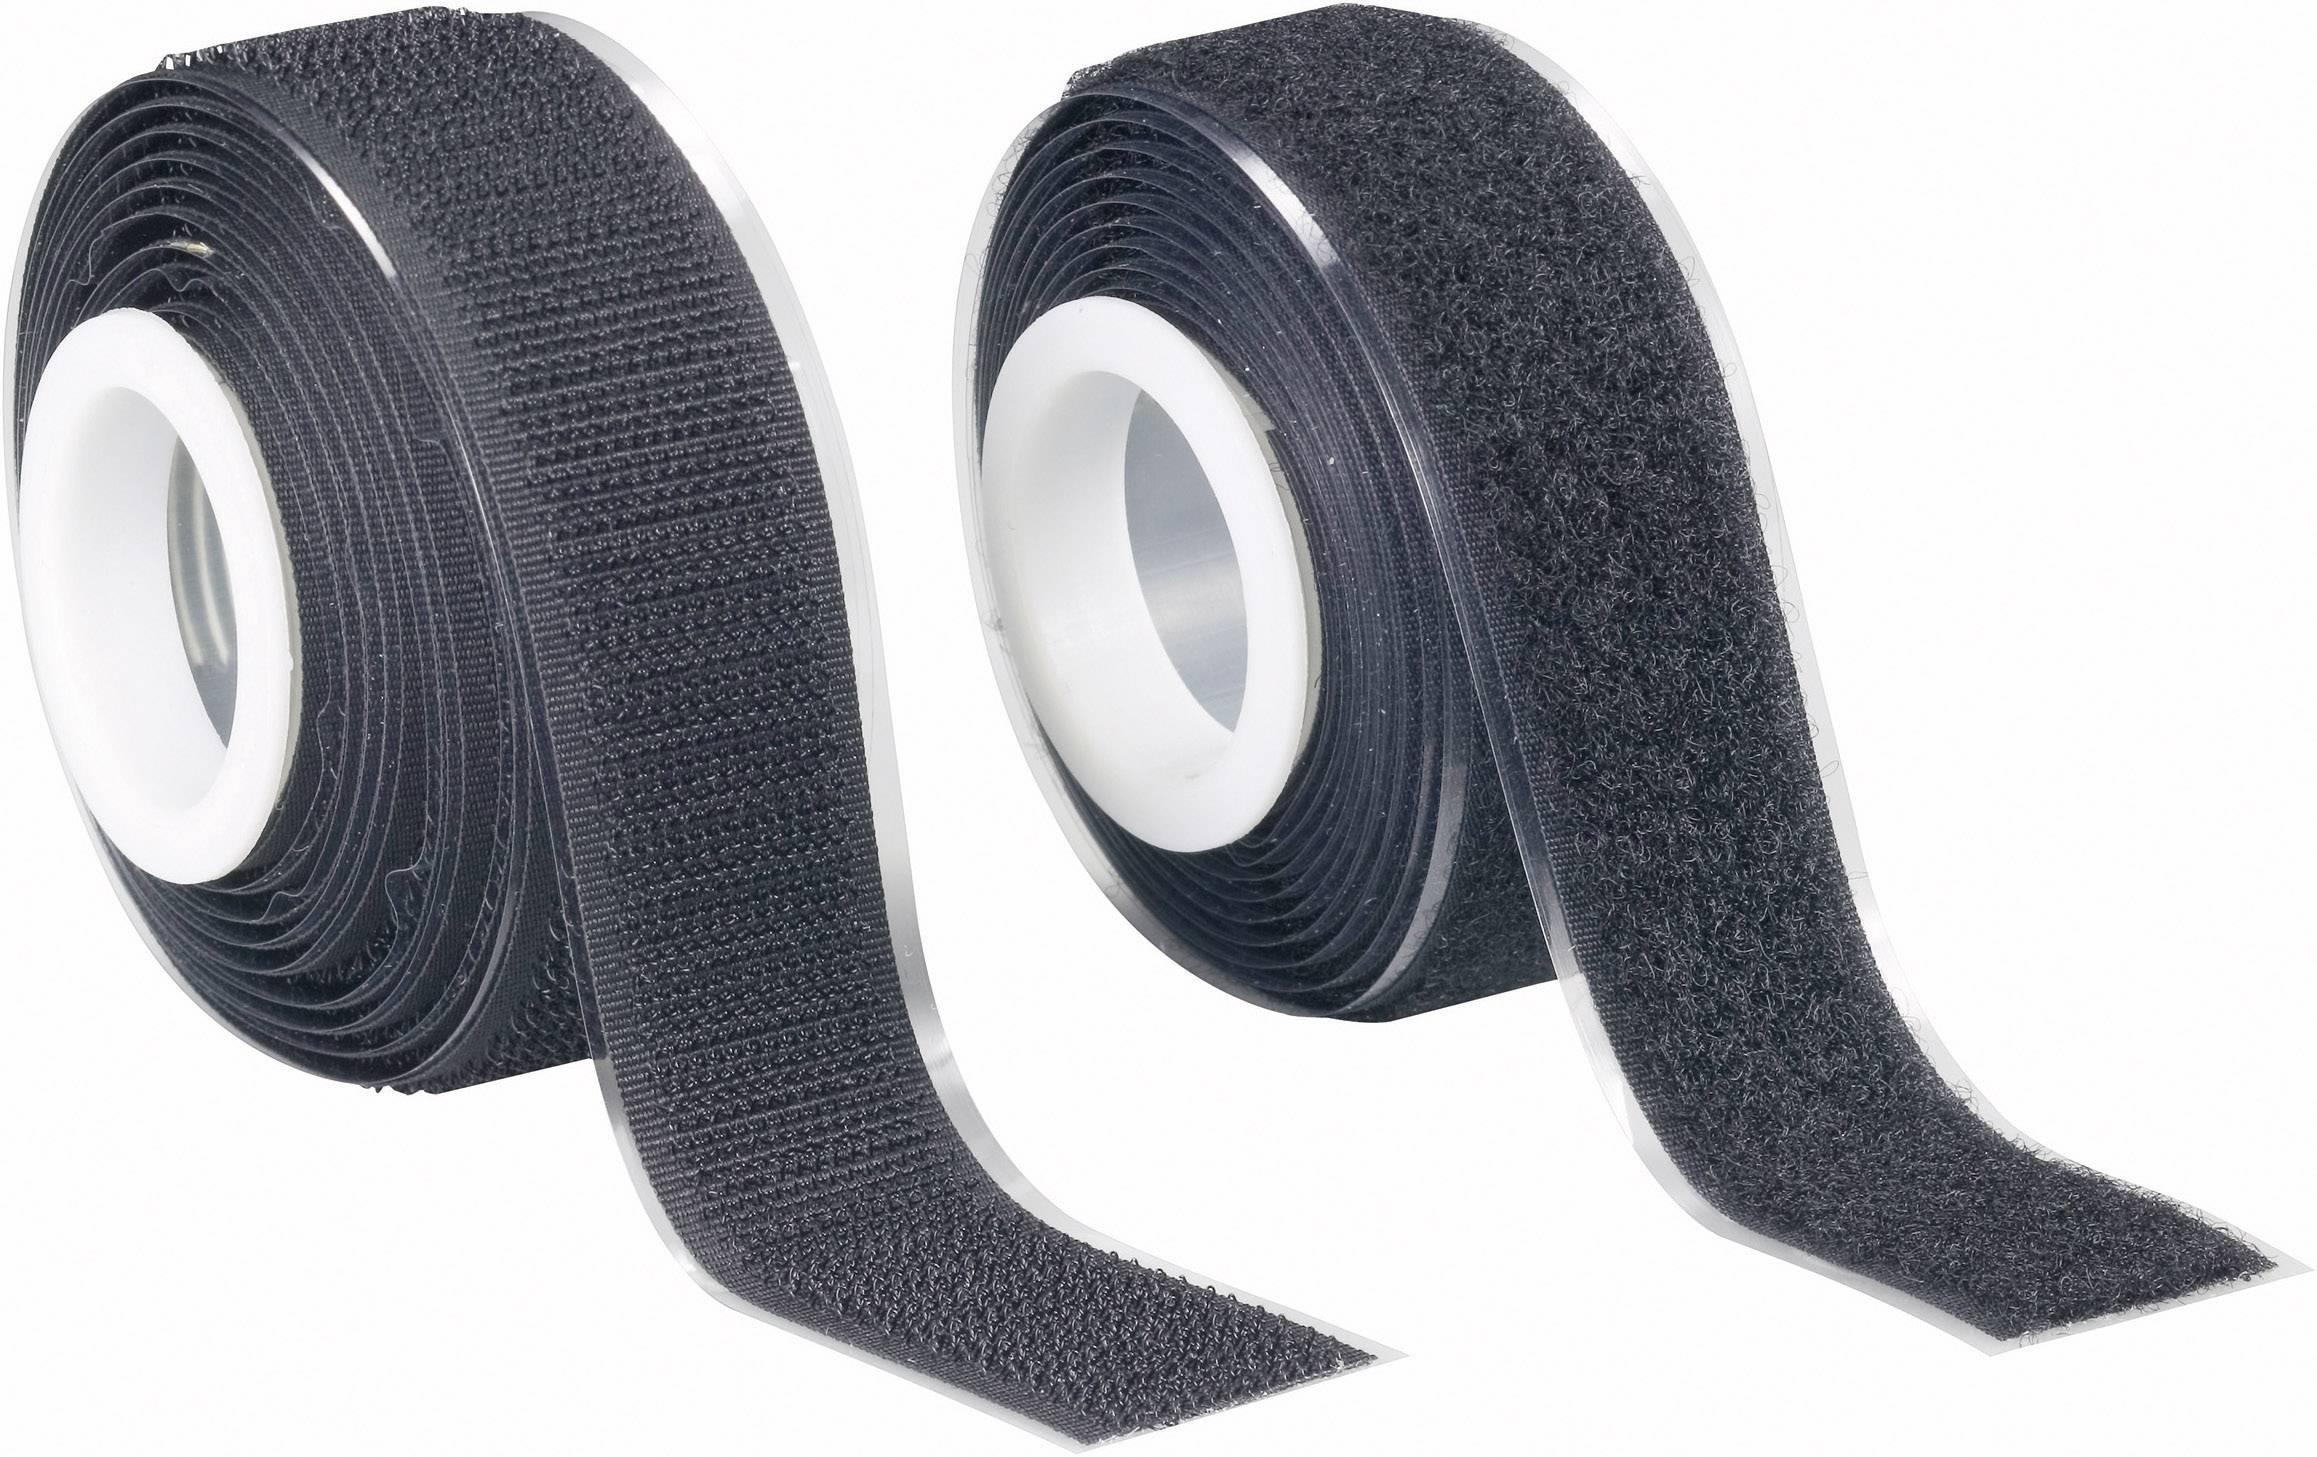 Suchý zip samolepící Fastech 25 mm x 2 m, černý